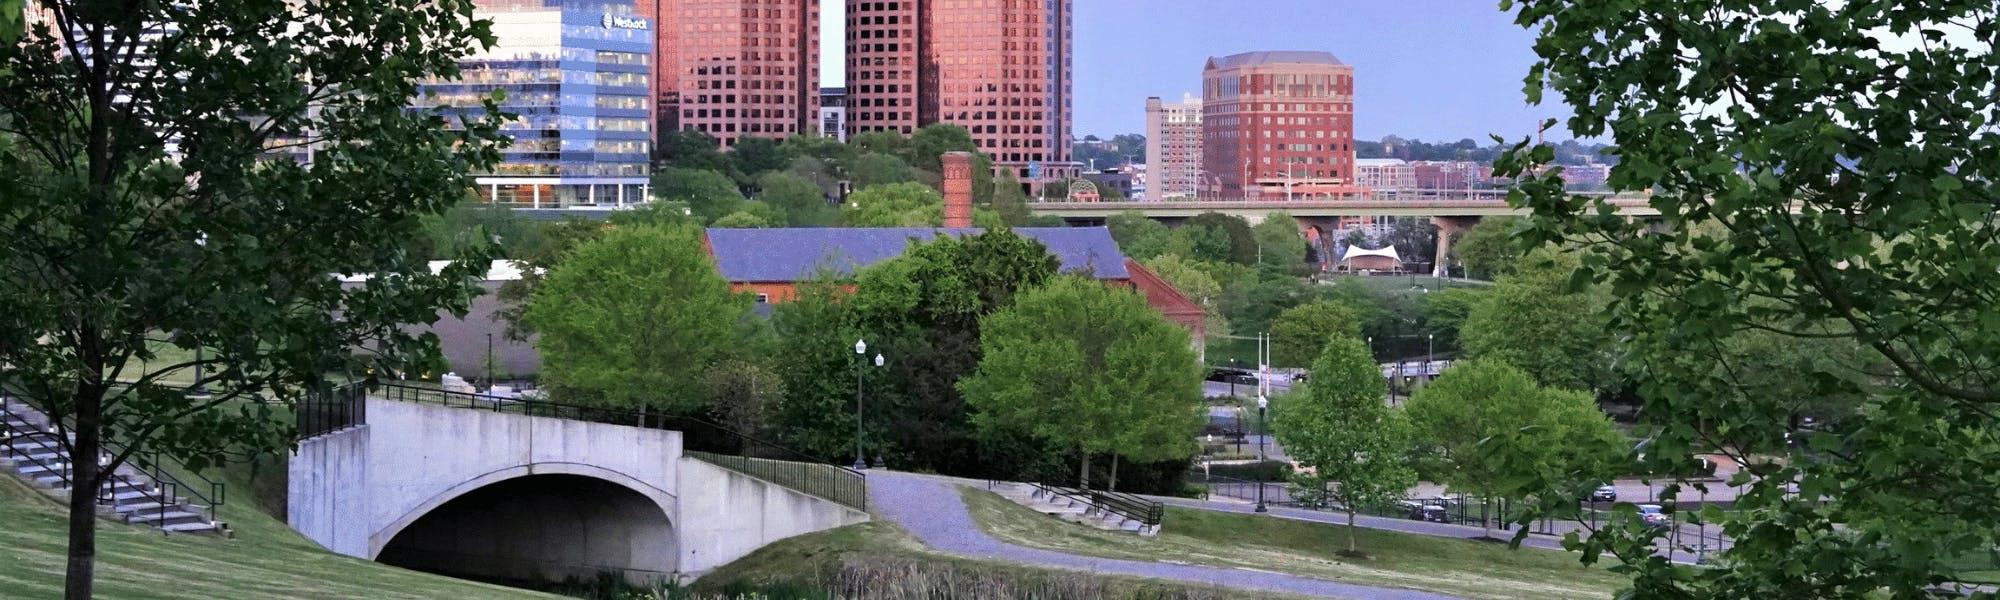 Downtown Richmond Skyline